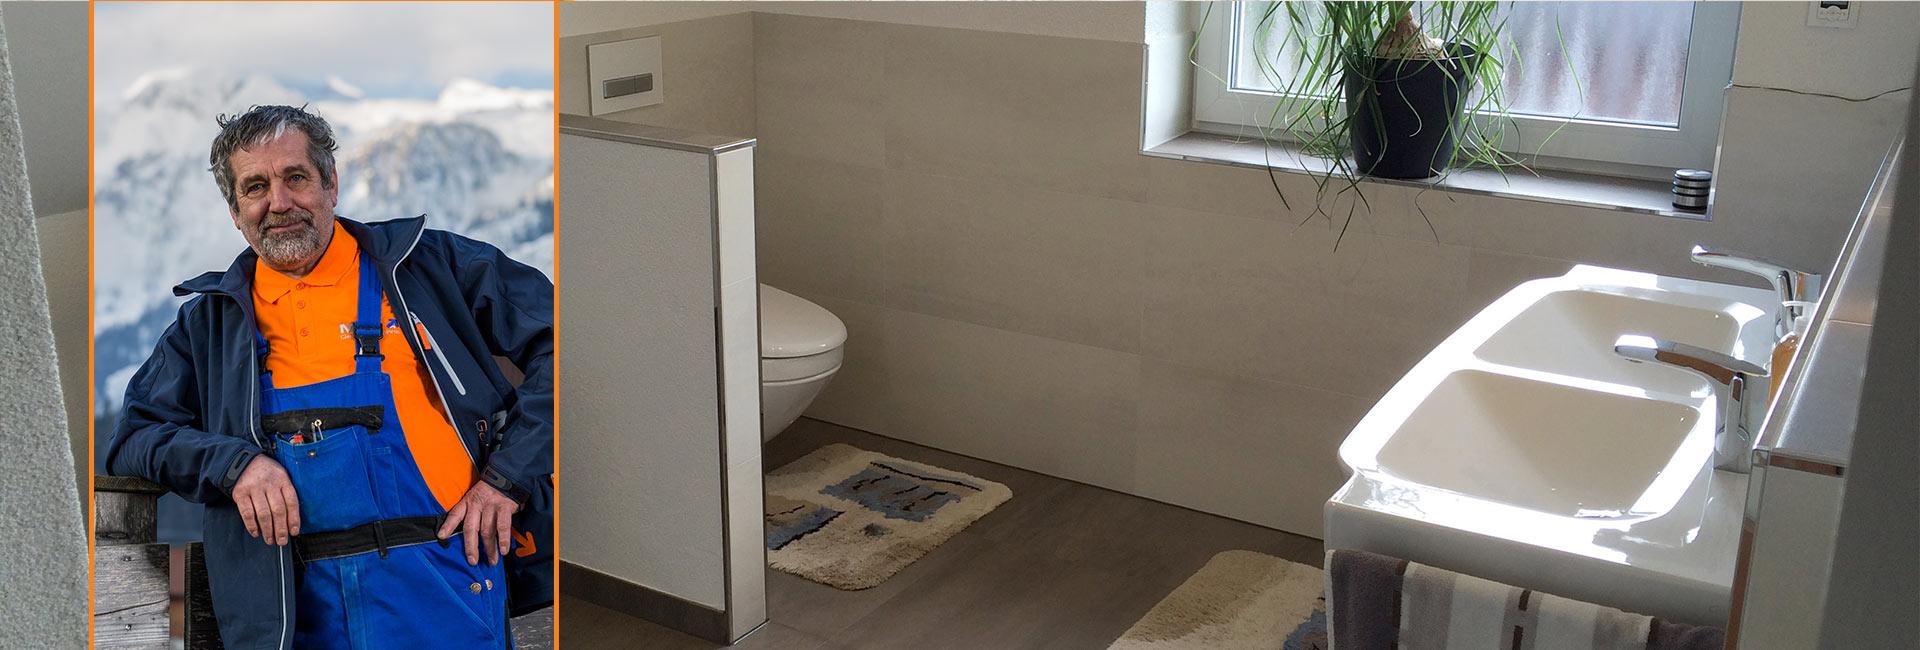 sanitaeur-salzburg